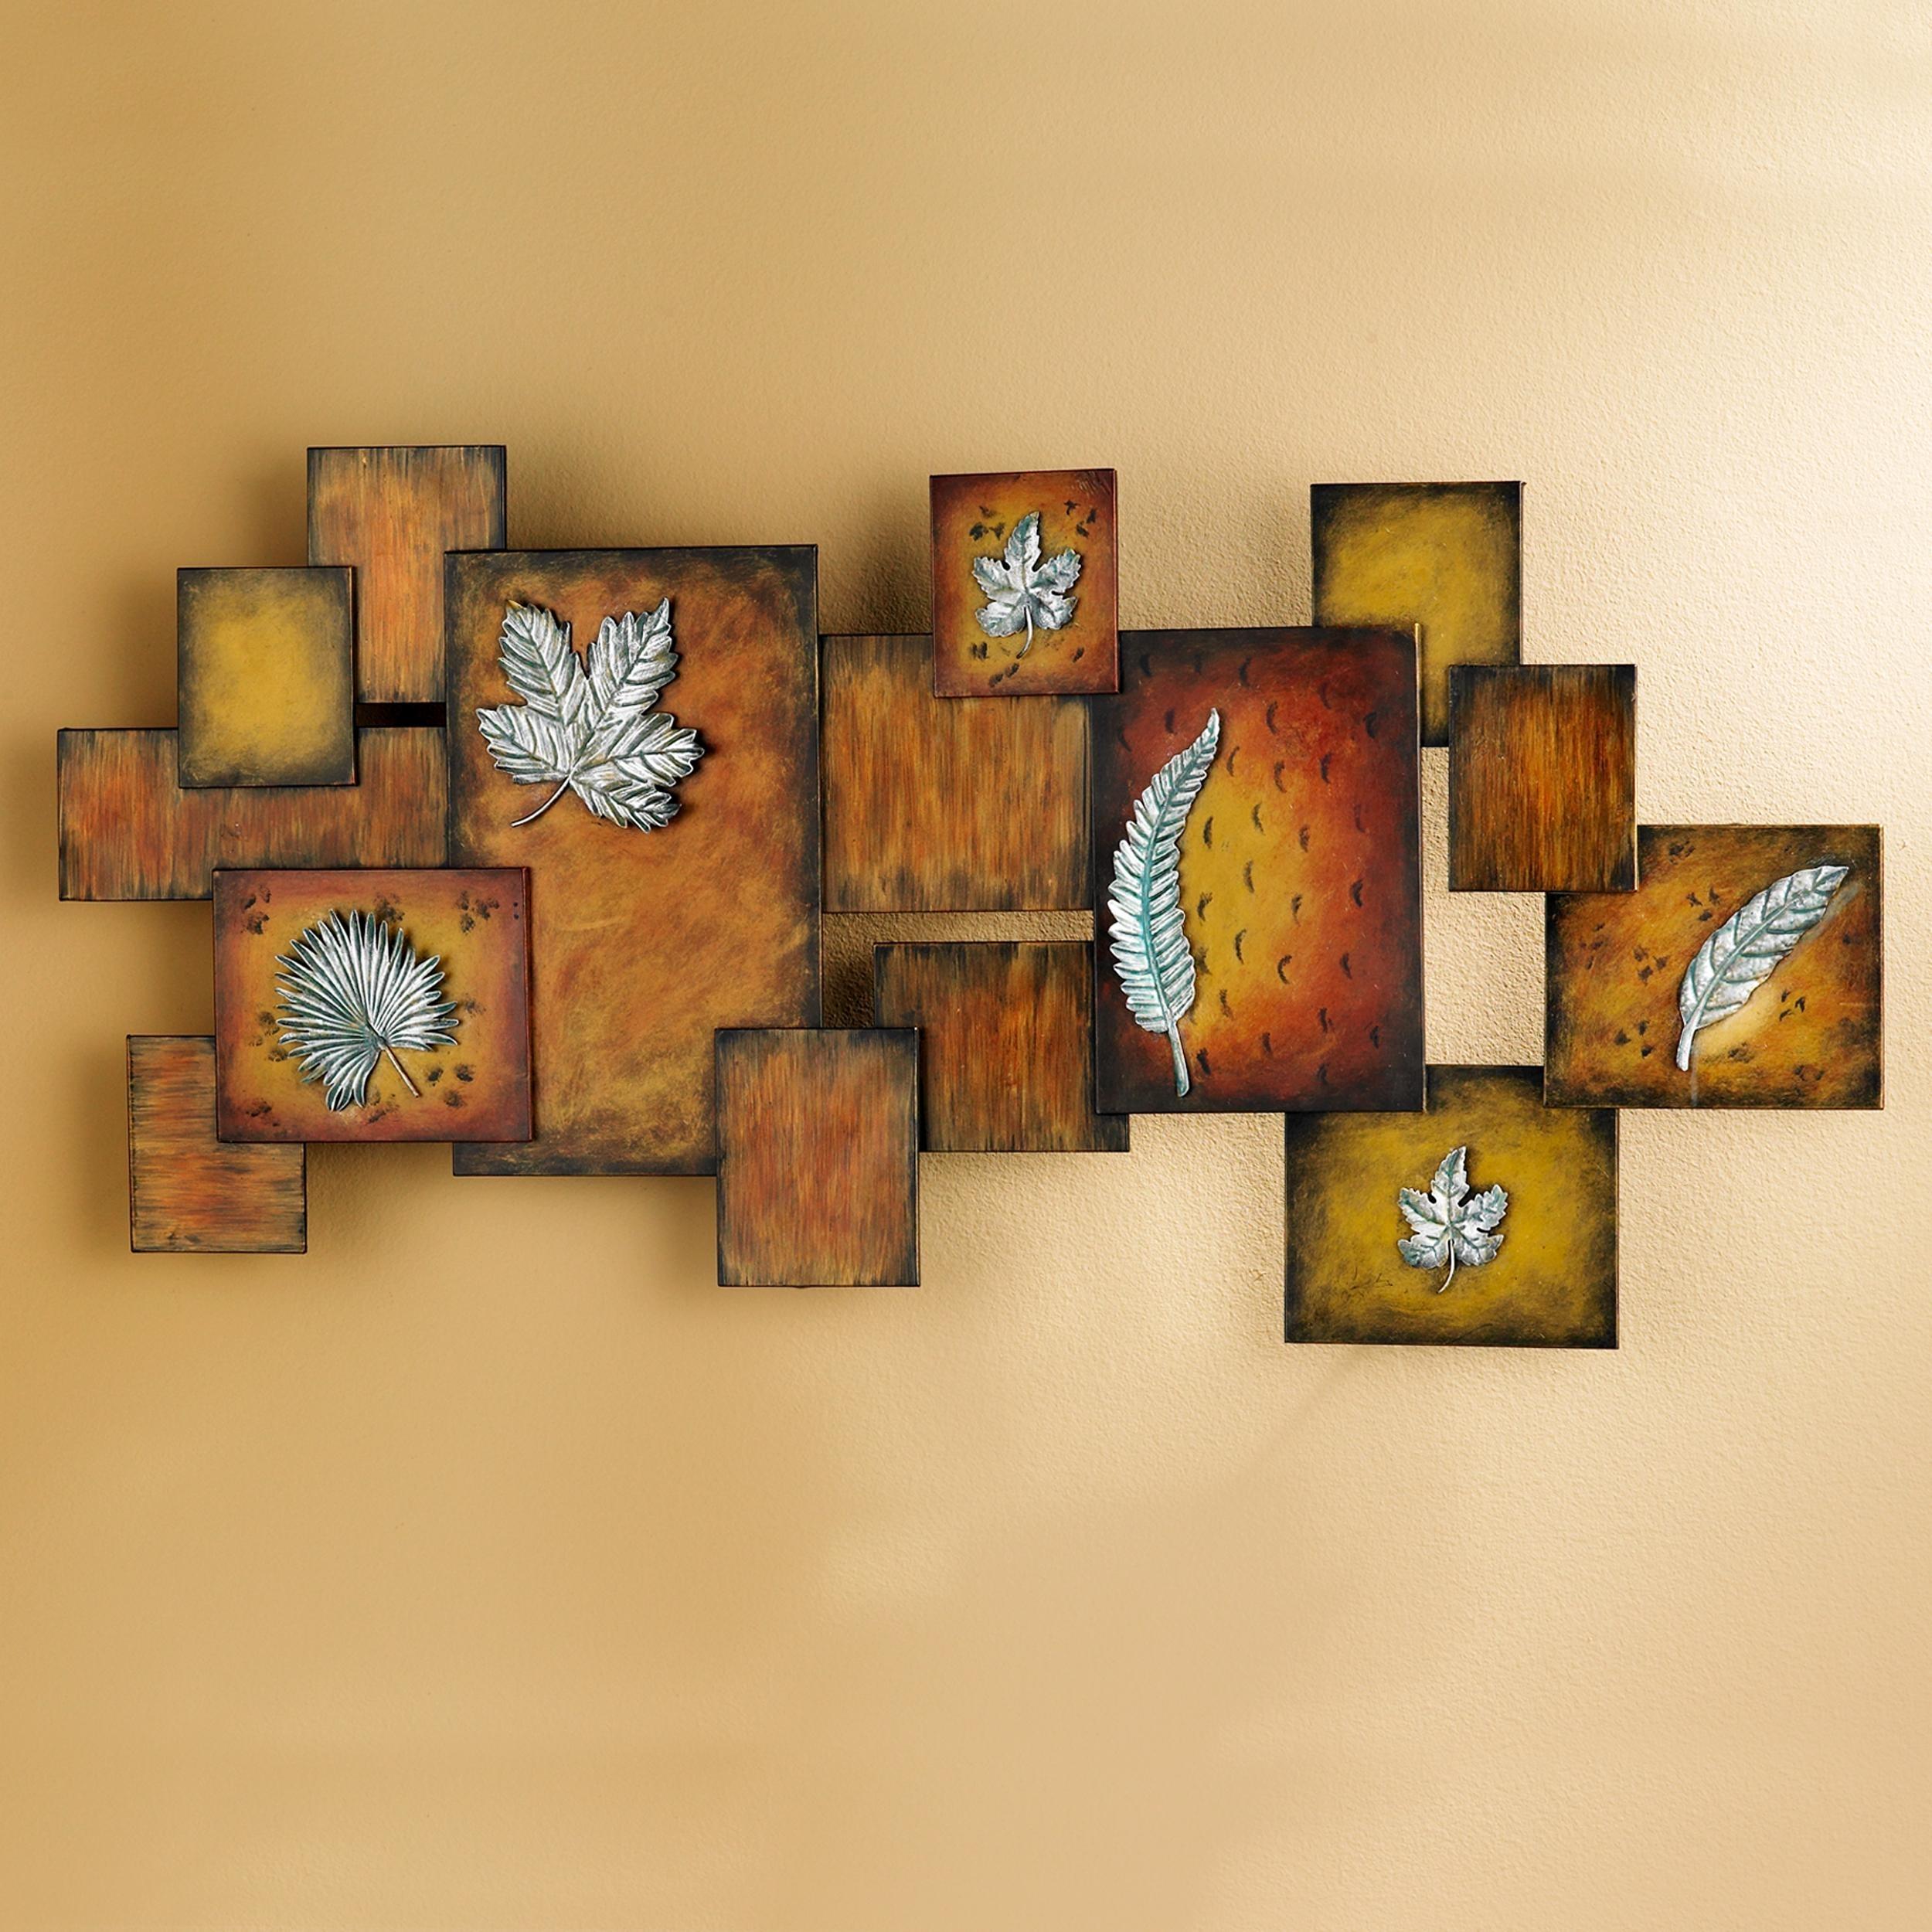 Wall Art: Stunning Abstract Wall Decor Modern Abstract Wall Decor With Latest Abstract Kitchen Wall Art (View 14 of 20)